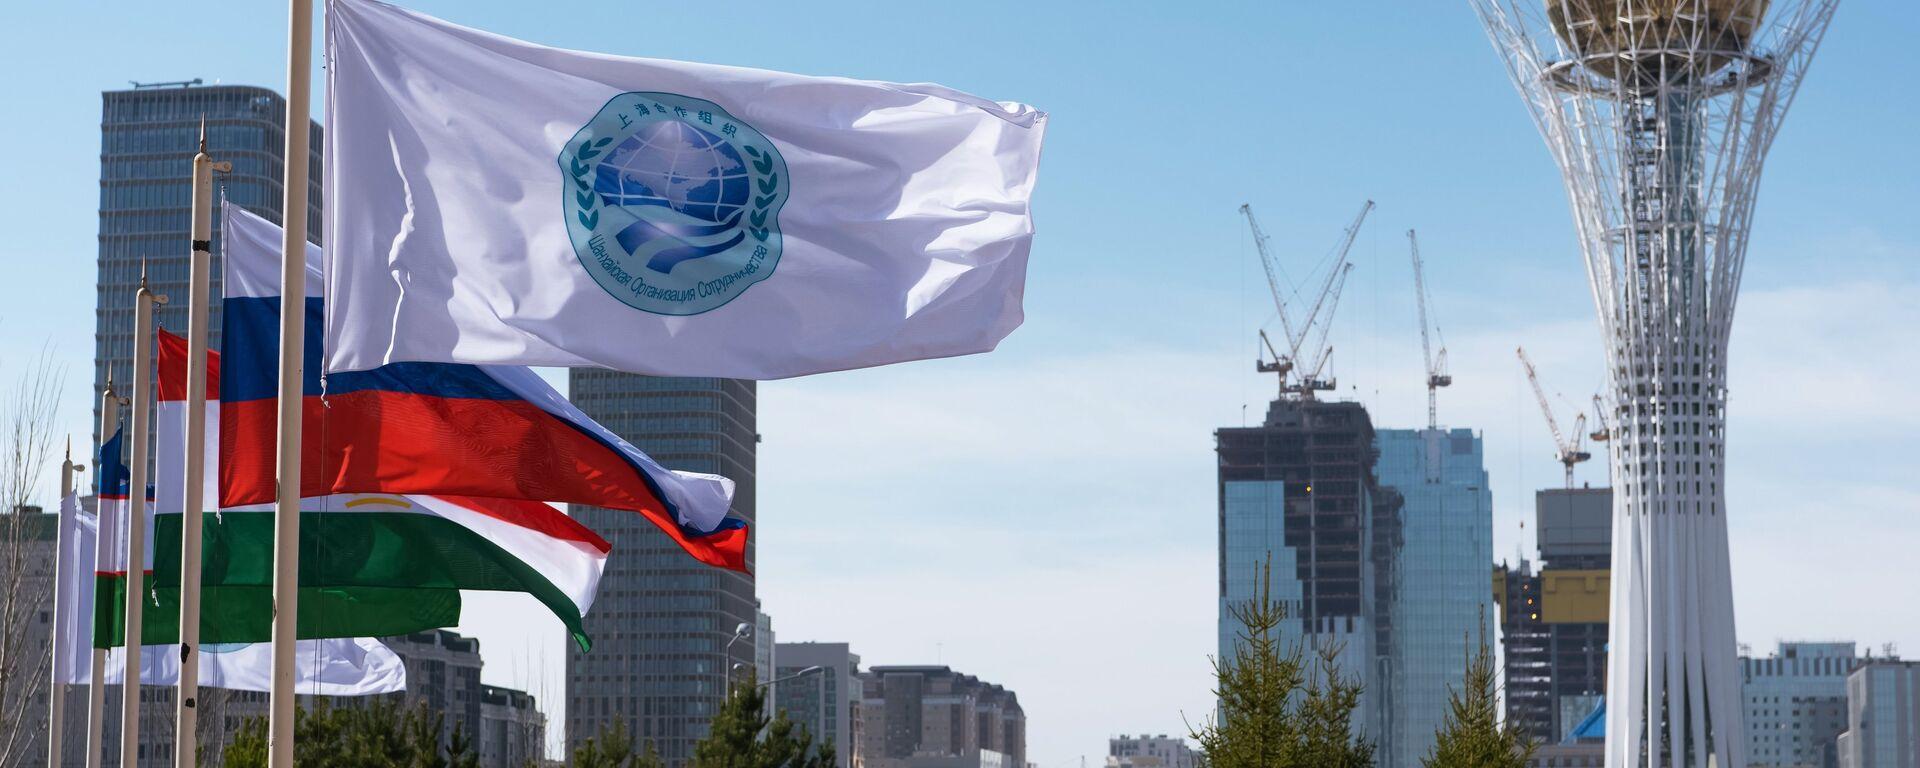 La bandera de la Organización de Cooperación de Shanghái (OCS) y las banderas de sus miembros, Astaná, Kasajistán - Sputnik Mundo, 1920, 04.09.2021